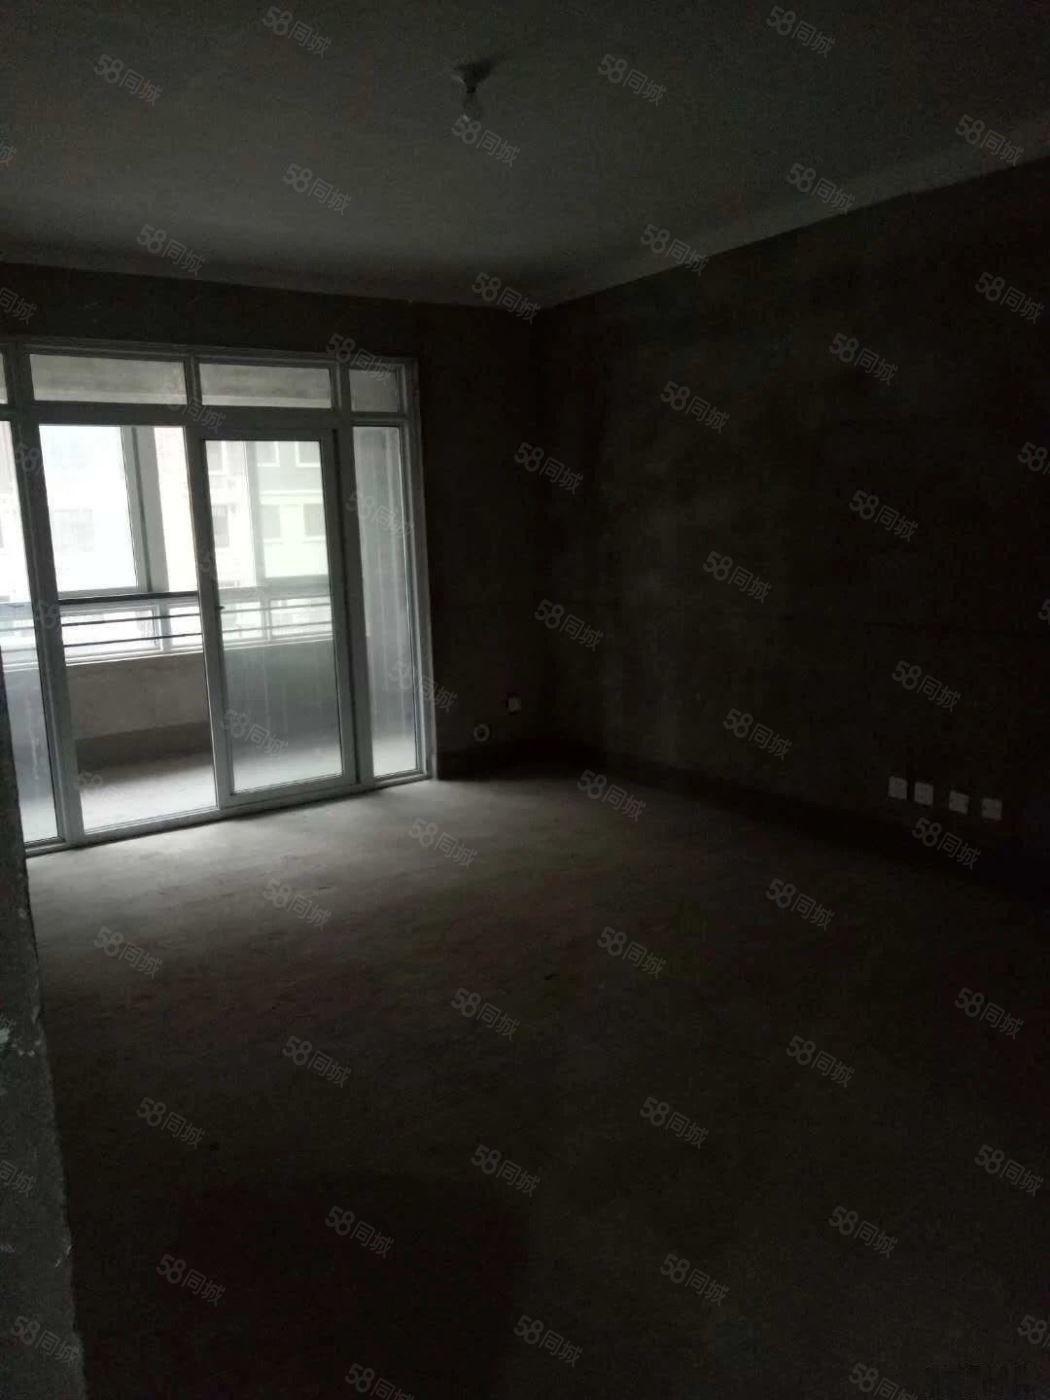 伊顿庄园二楼房东急售,可首付分期,超大阳台,采光霸气,六千多